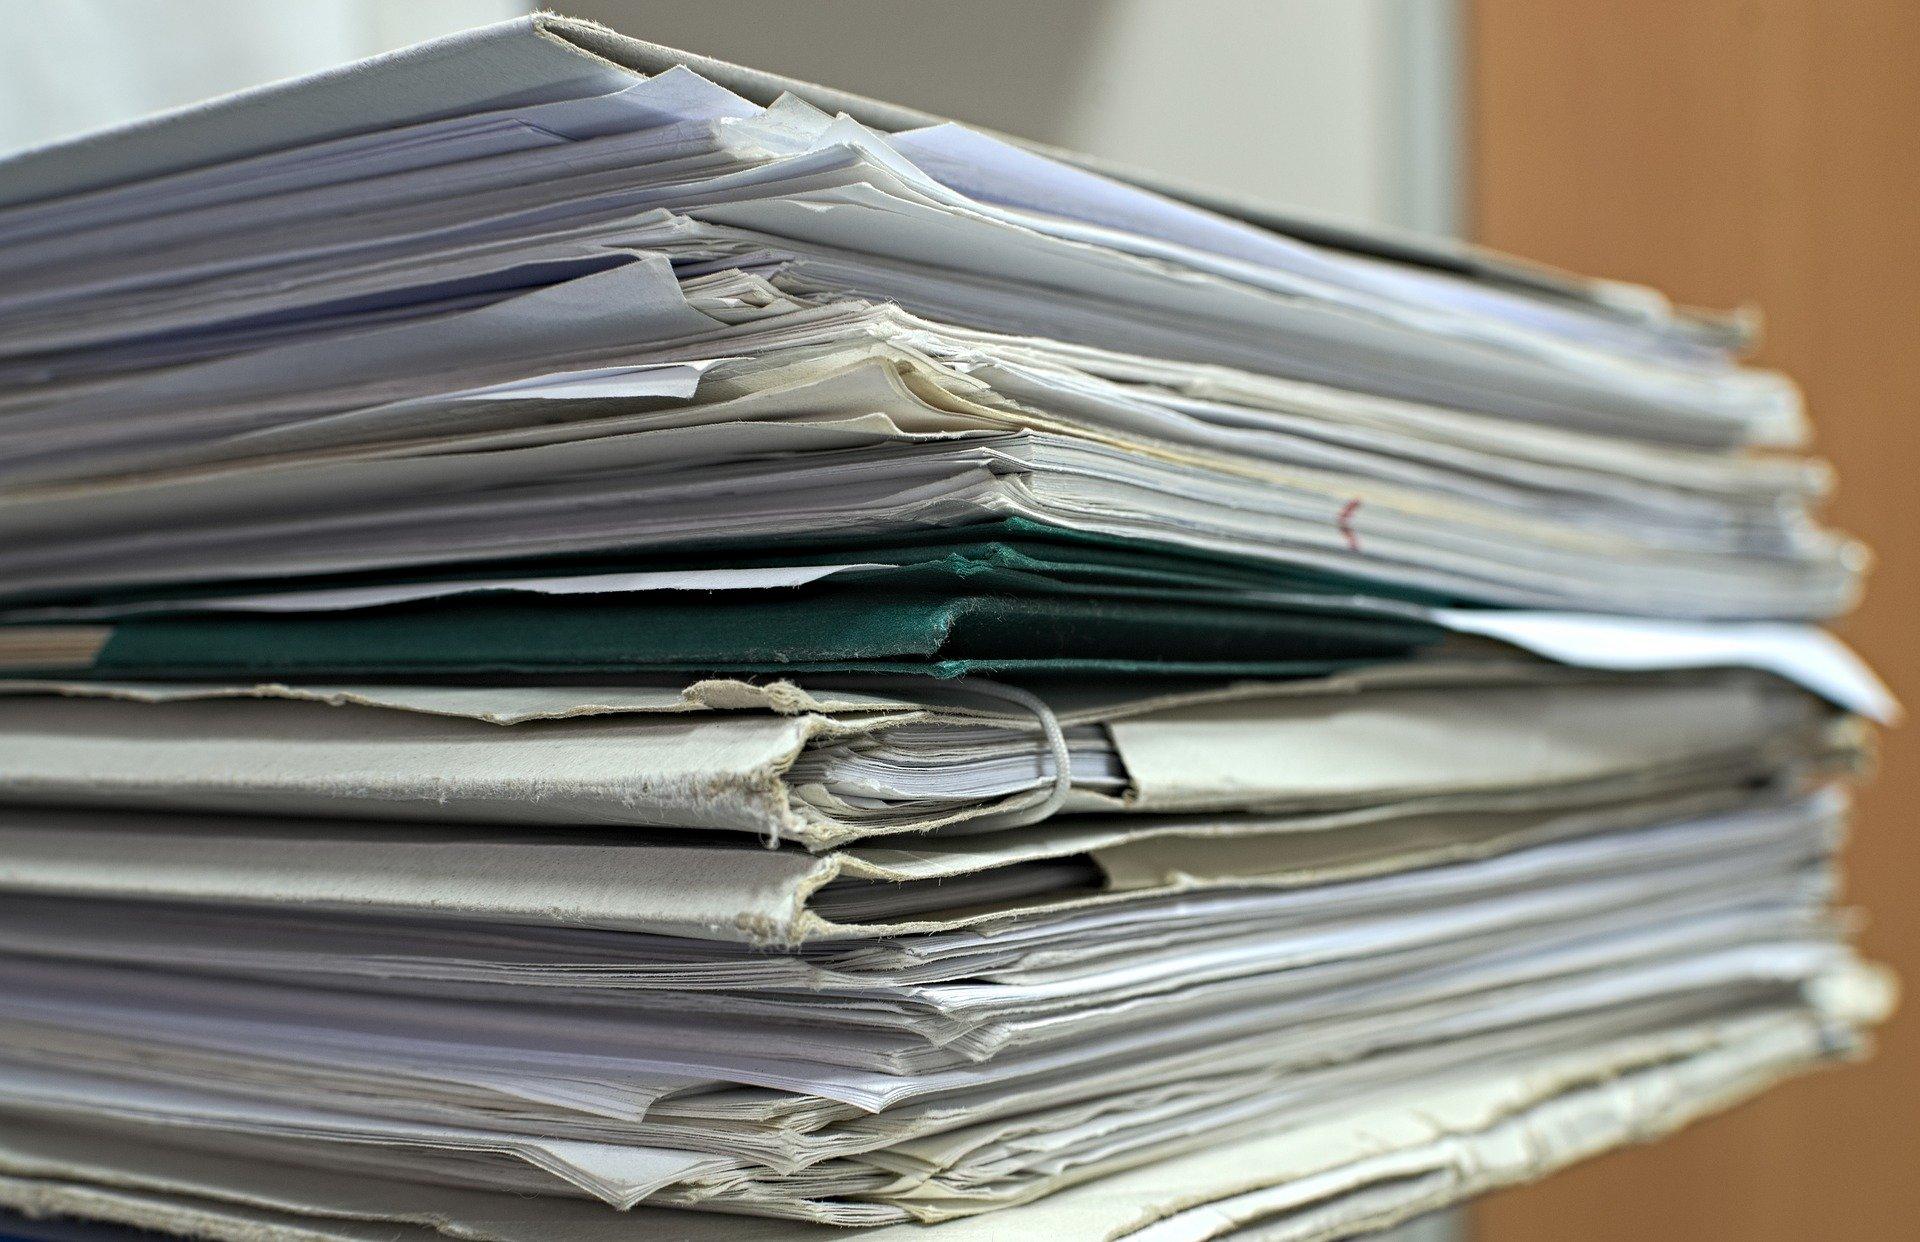 Ministero della Giustizia – Decreto 27 gennaio 2021 (deposito telematico atti in Cassazione).